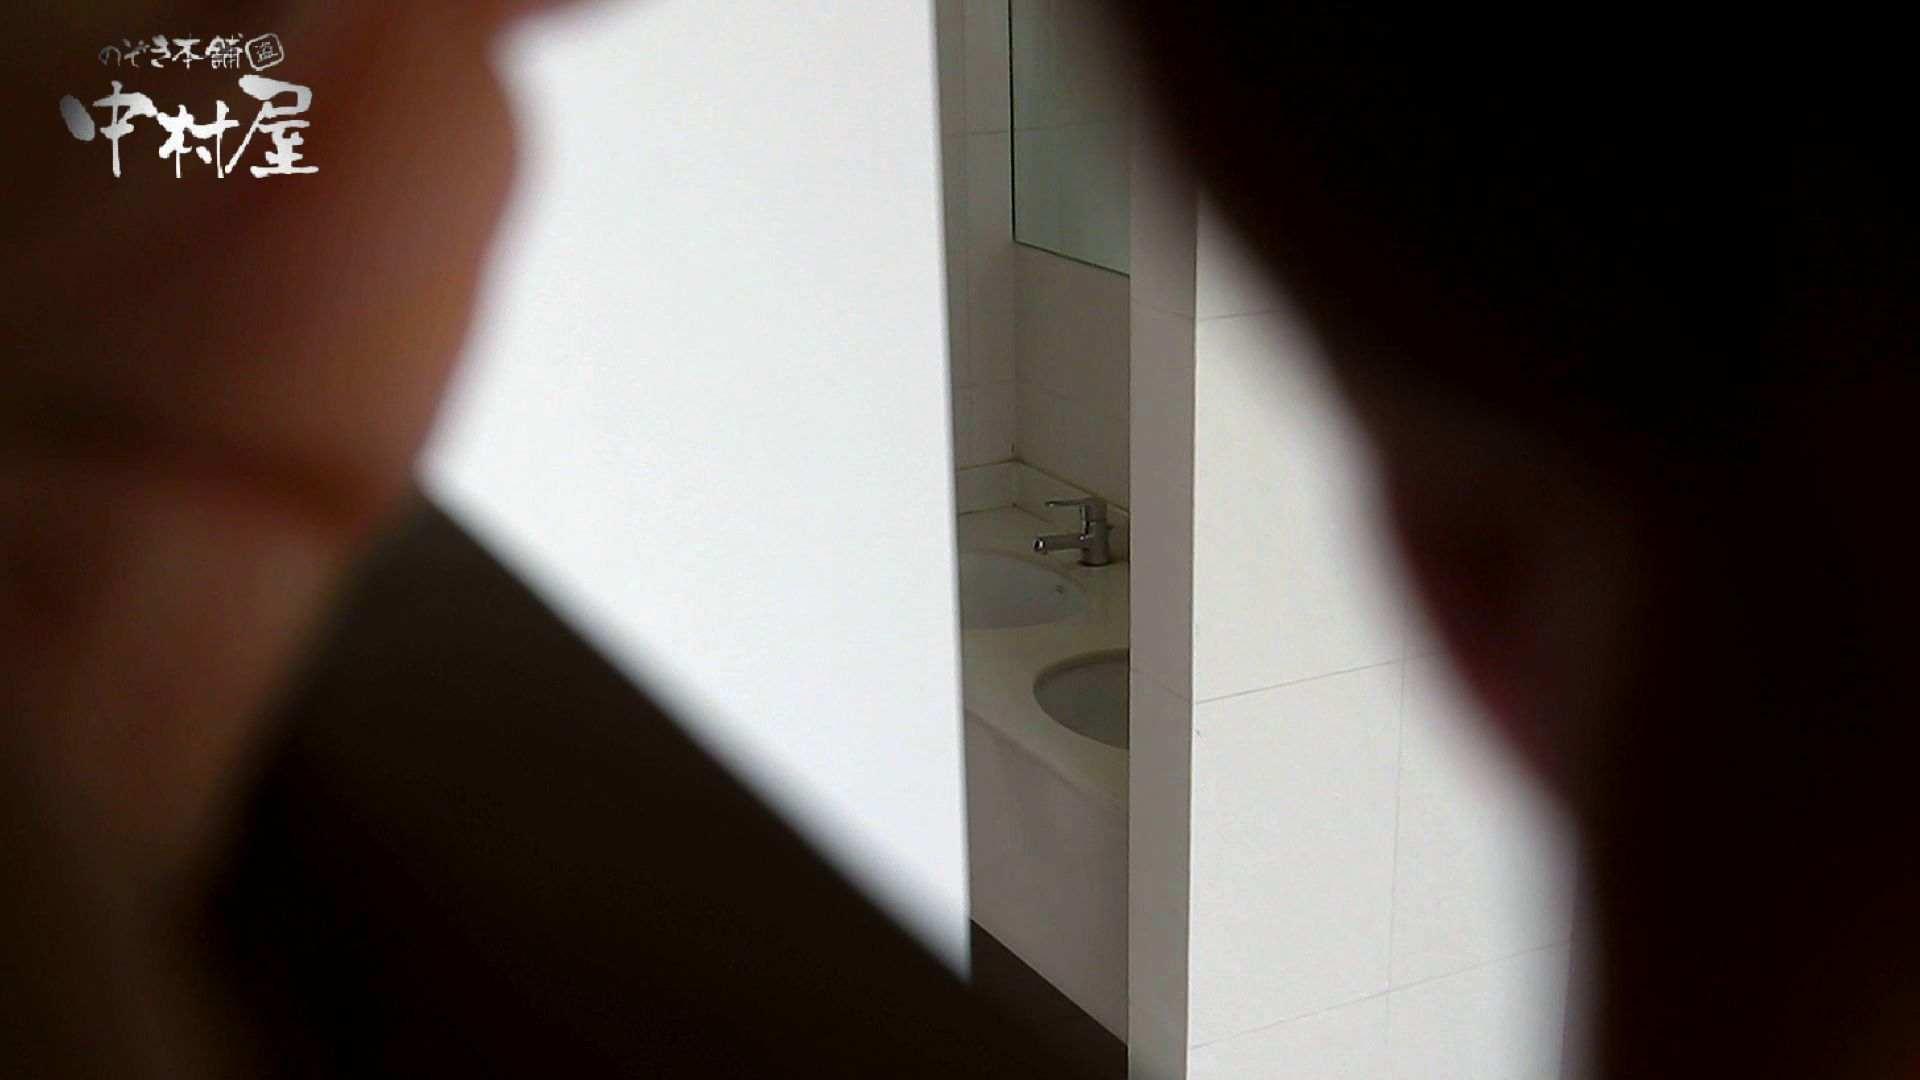 トイレ盗撮 【世界の射窓から】世界の射窓から vol.10前編 のぞき本舗 中村屋